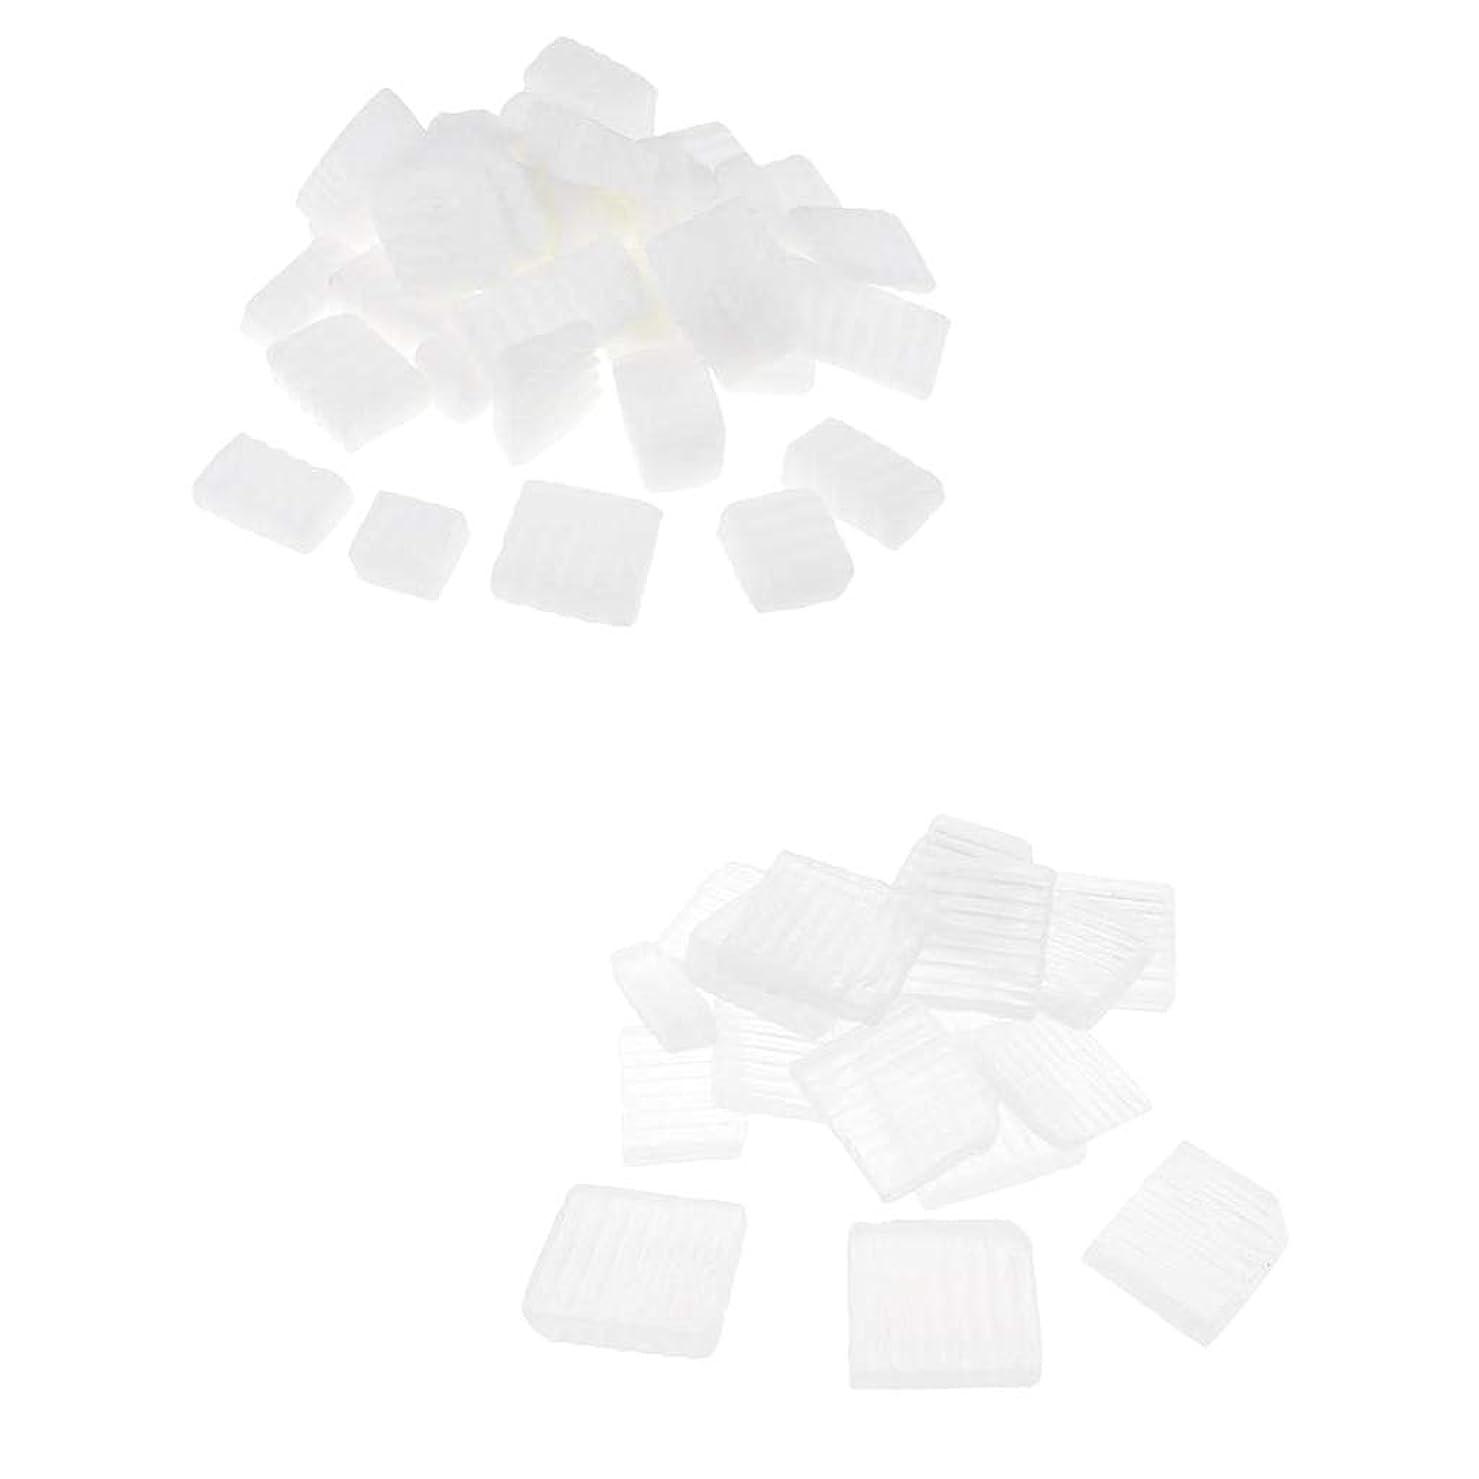 サイトライン亜熱帯宣言Perfeclan 固形せっけん ホワイト透明 手芸 バス用品 手作り ハンドメイド 石鹸製造 安全健康 2種混合